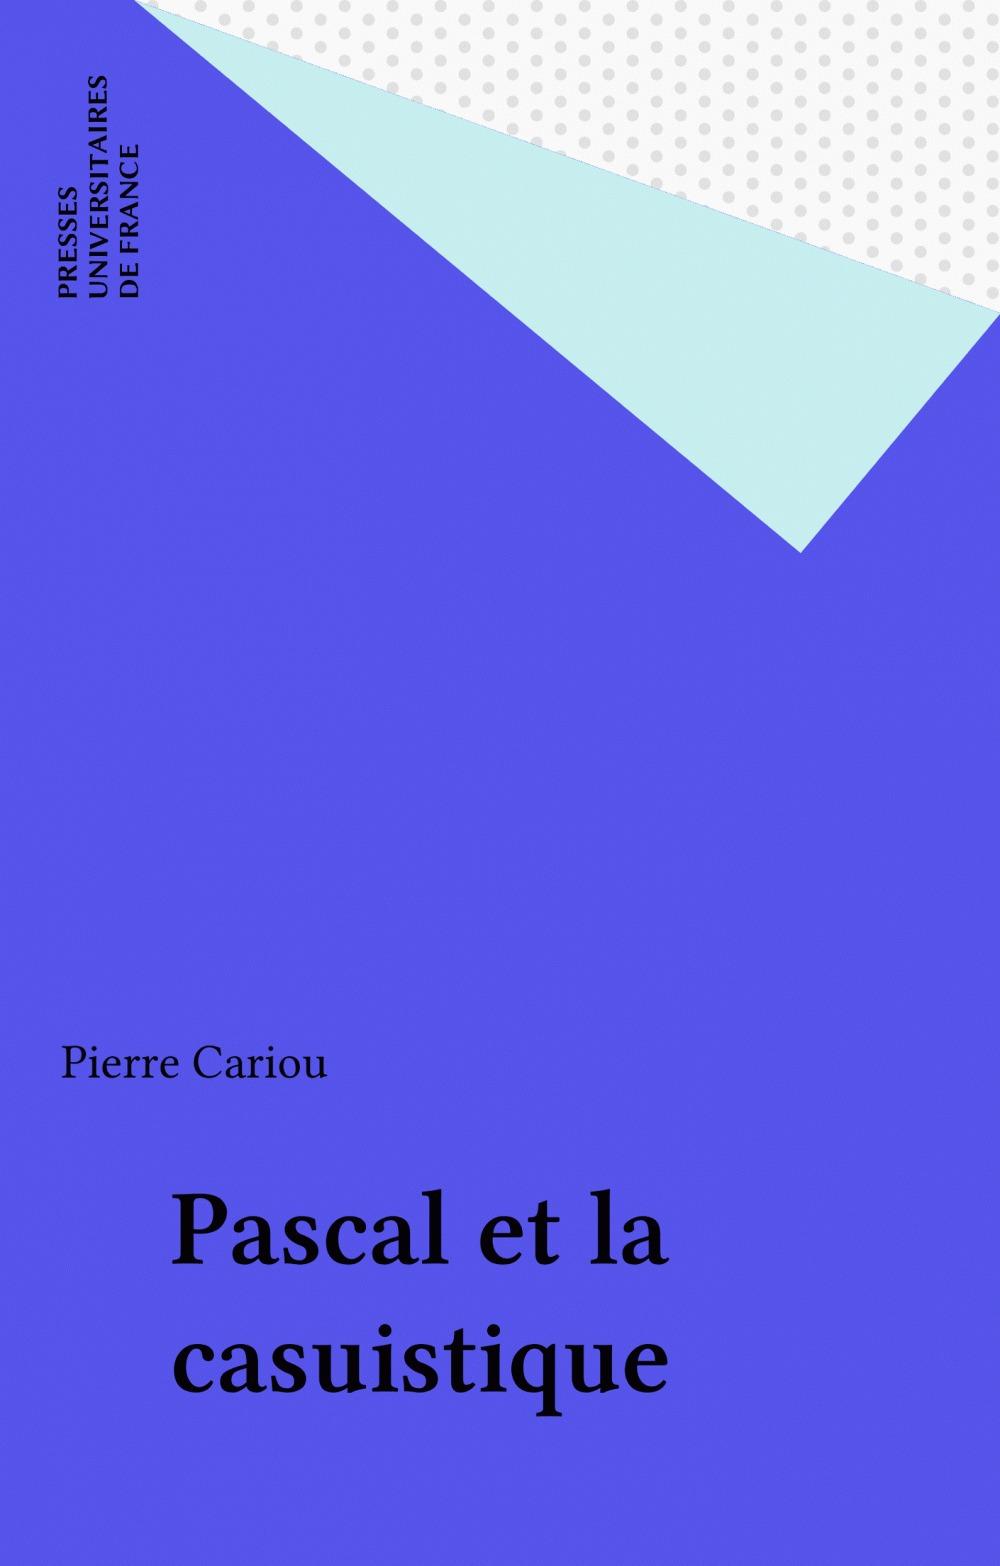 Pierre Cariou Pascal et la casuistique